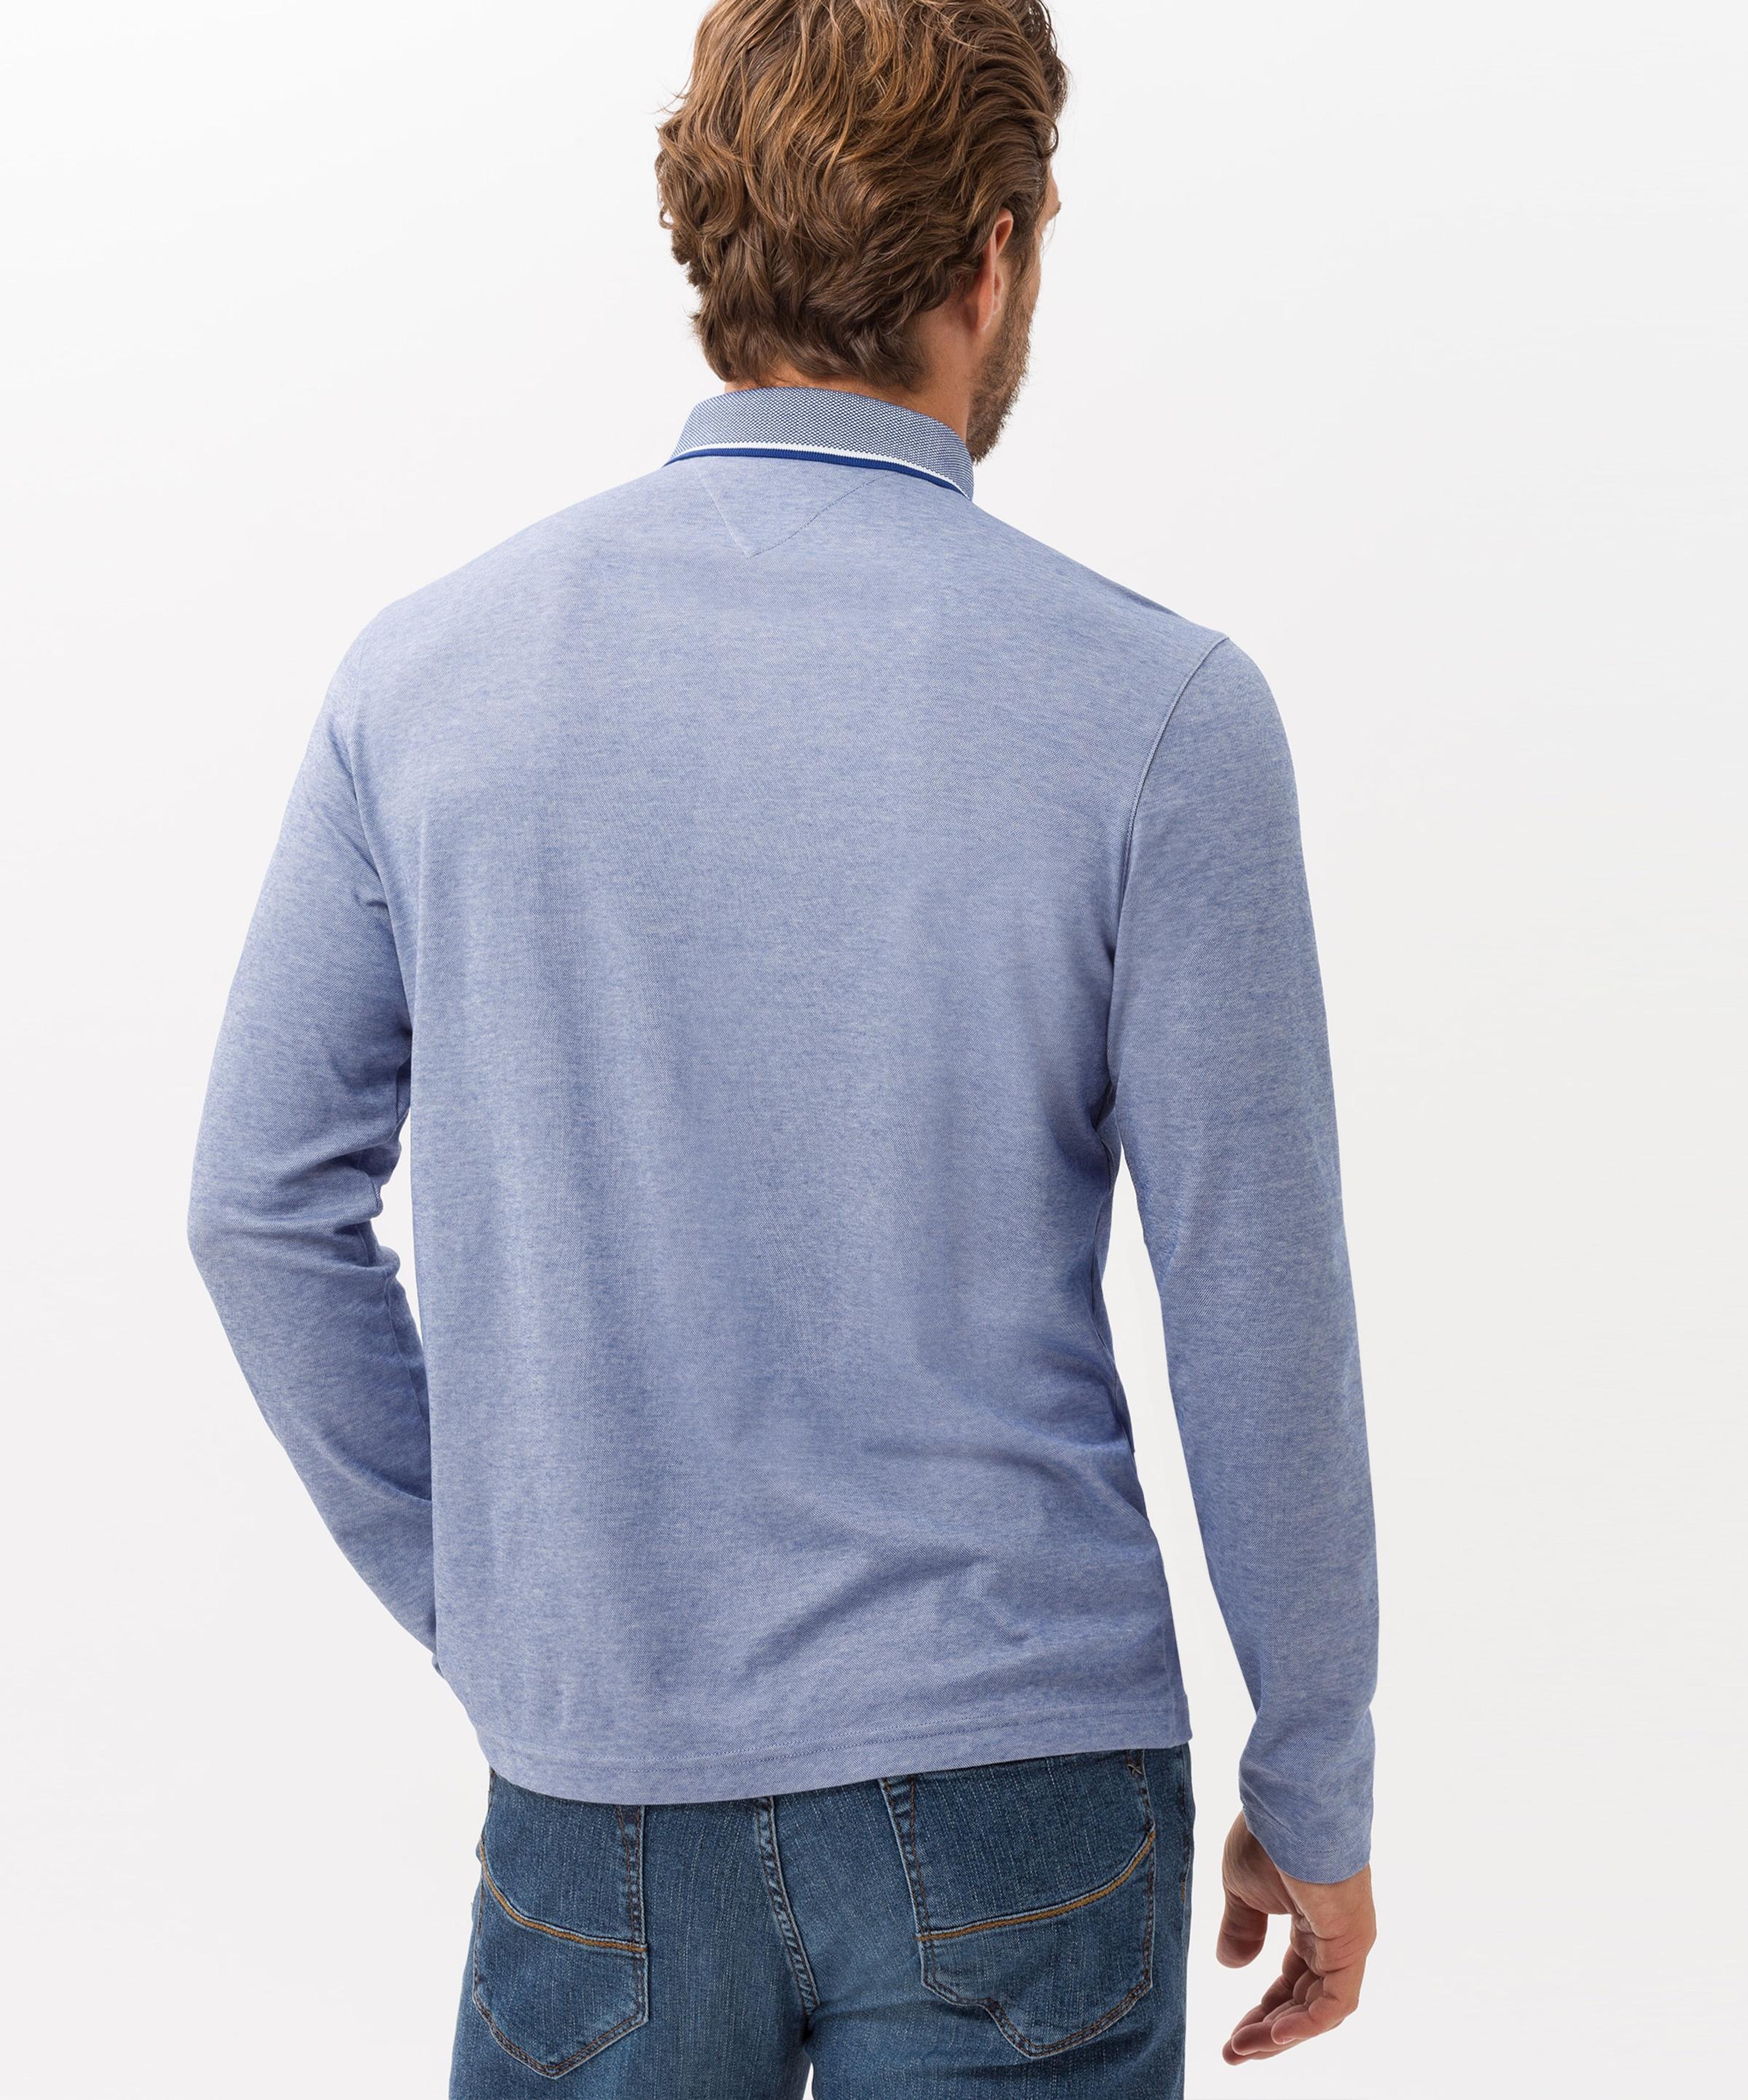 In Hellblau 'pharell' Poloshirt Brax 0wXnN8OPk